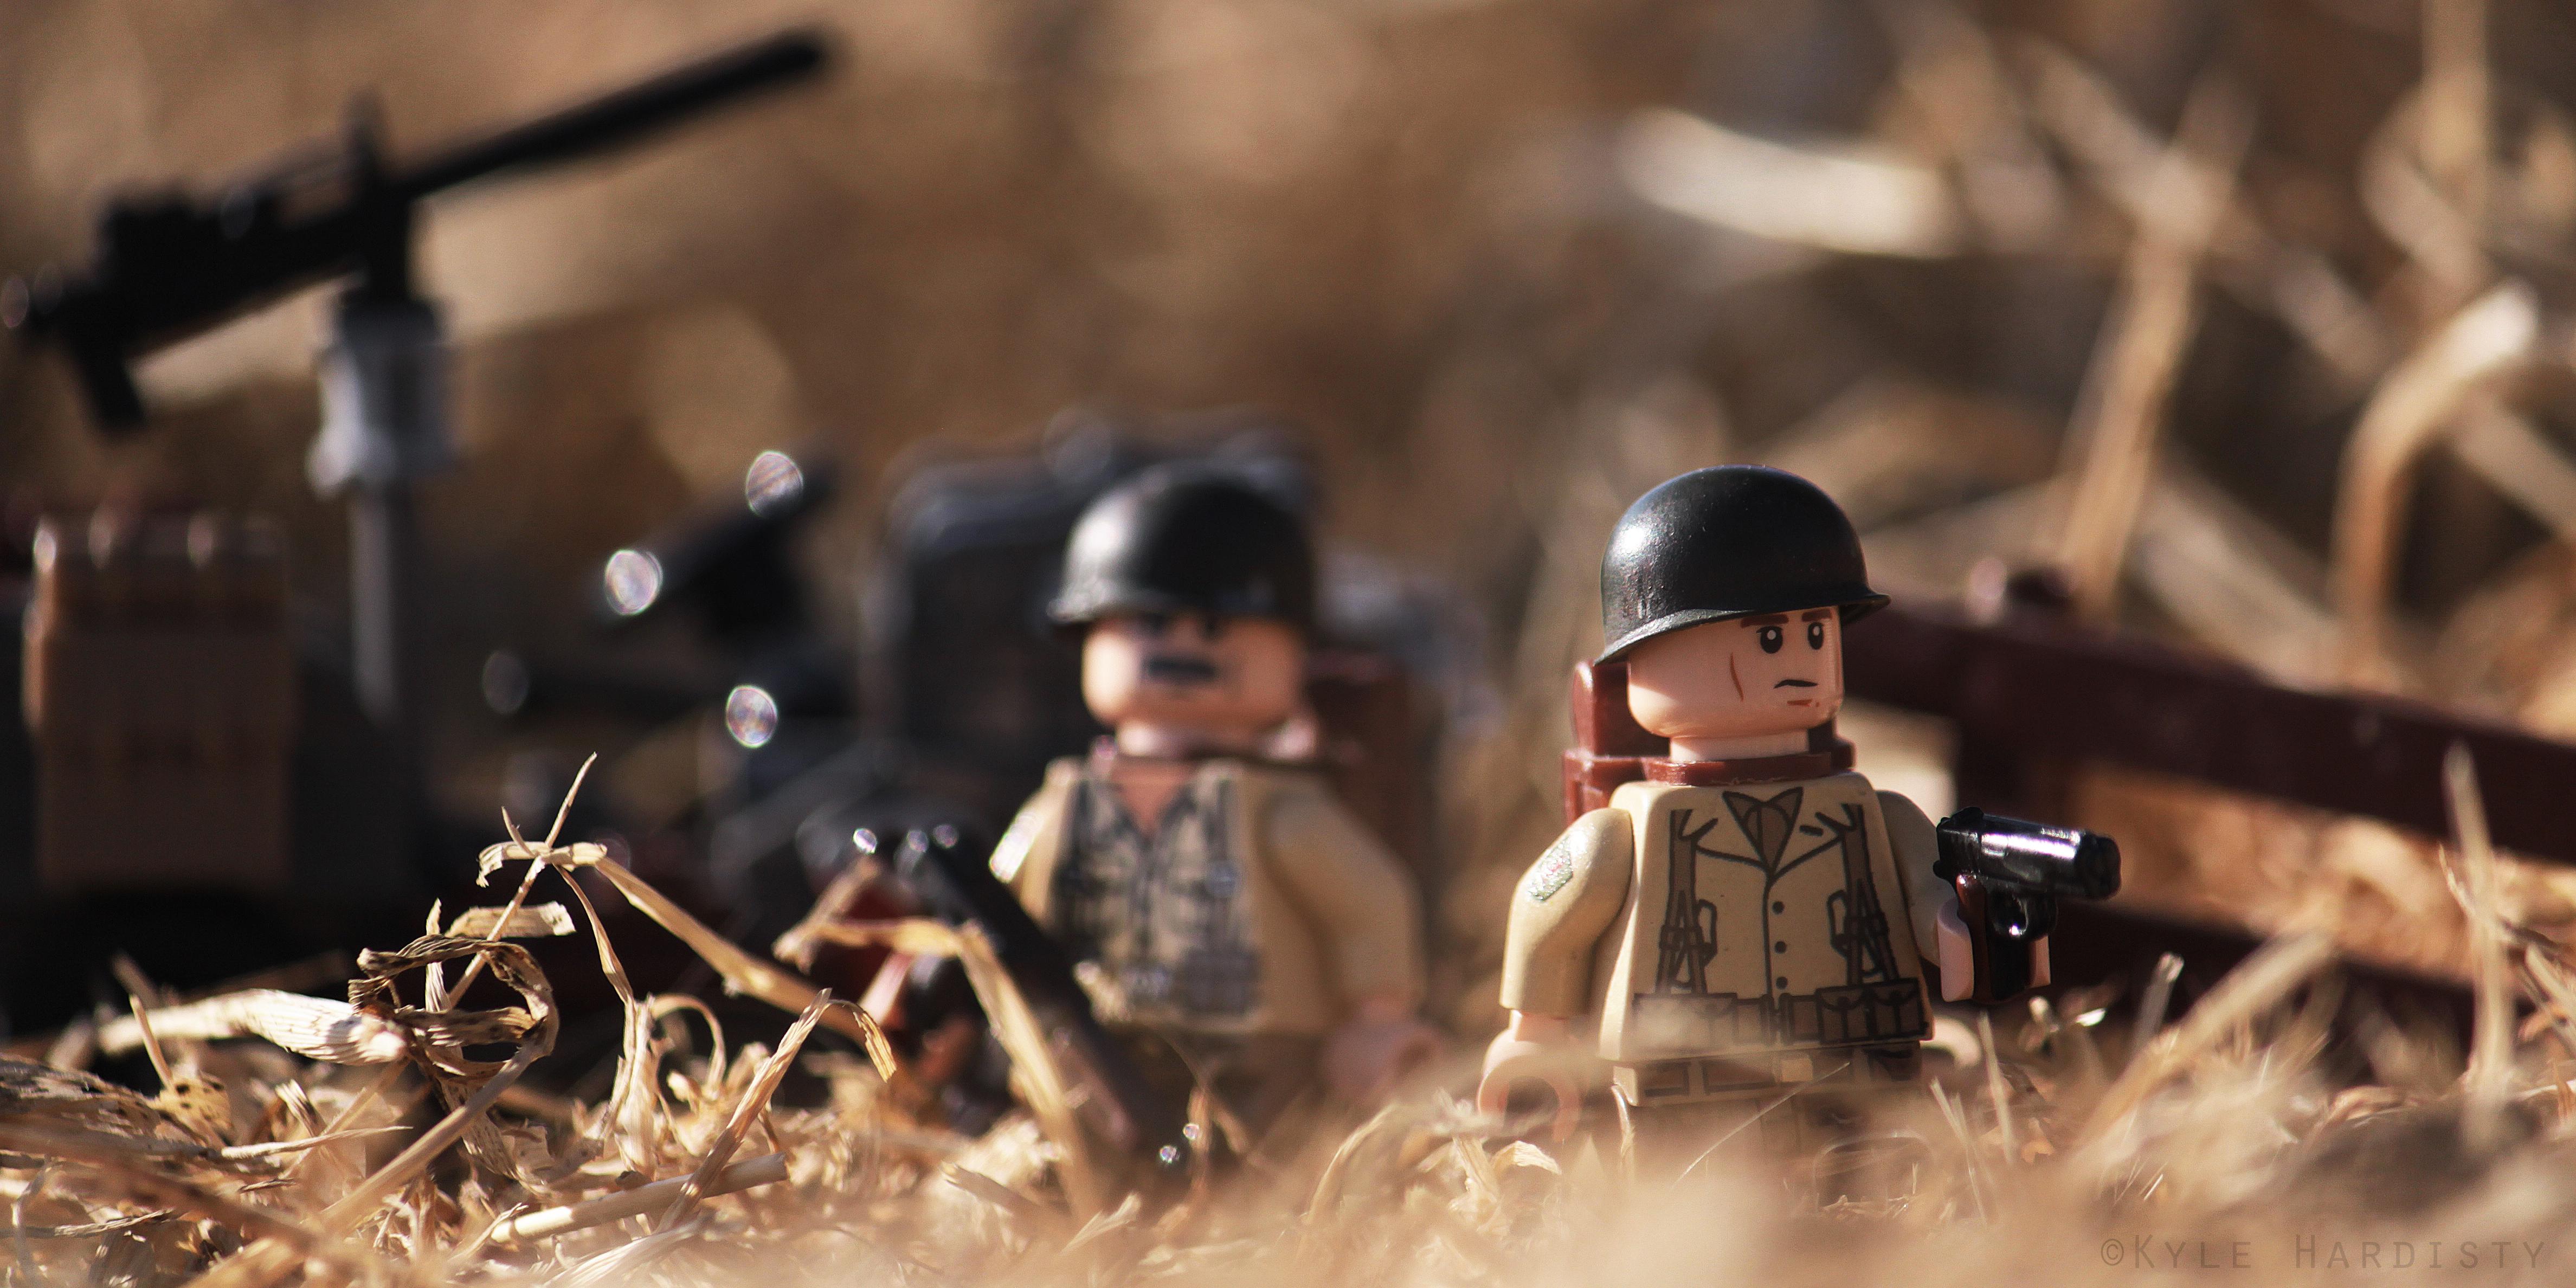 Hintergrundbilder : Welt, 2, zwei, Kyle, Soldat, Draht, Krieg ...